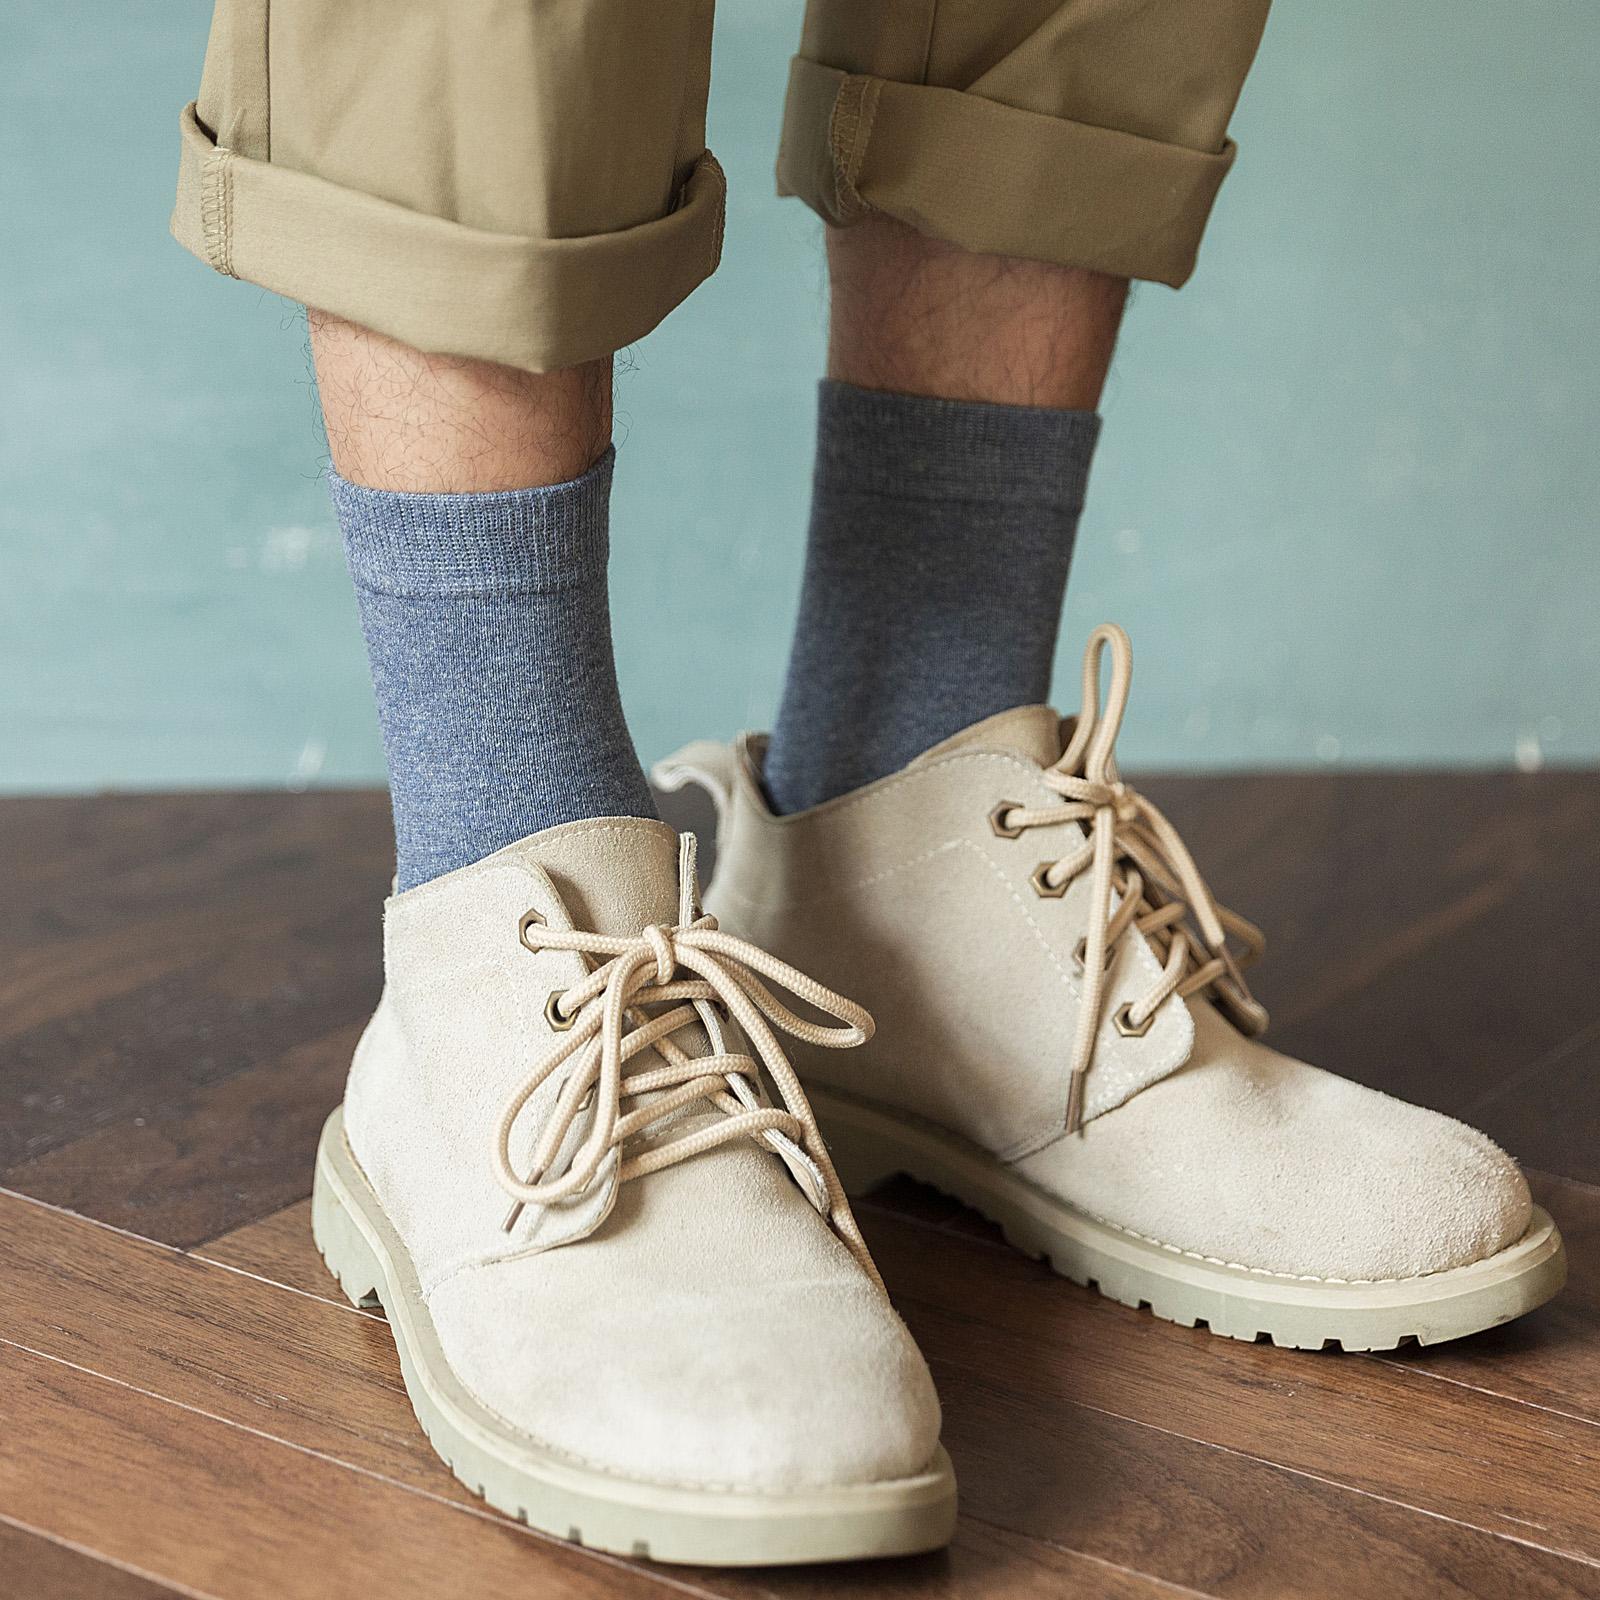 长袜子男士秋天中筒袜纯棉防臭吸汗全棉纯色百搭秋冬长筒袜高筒潮